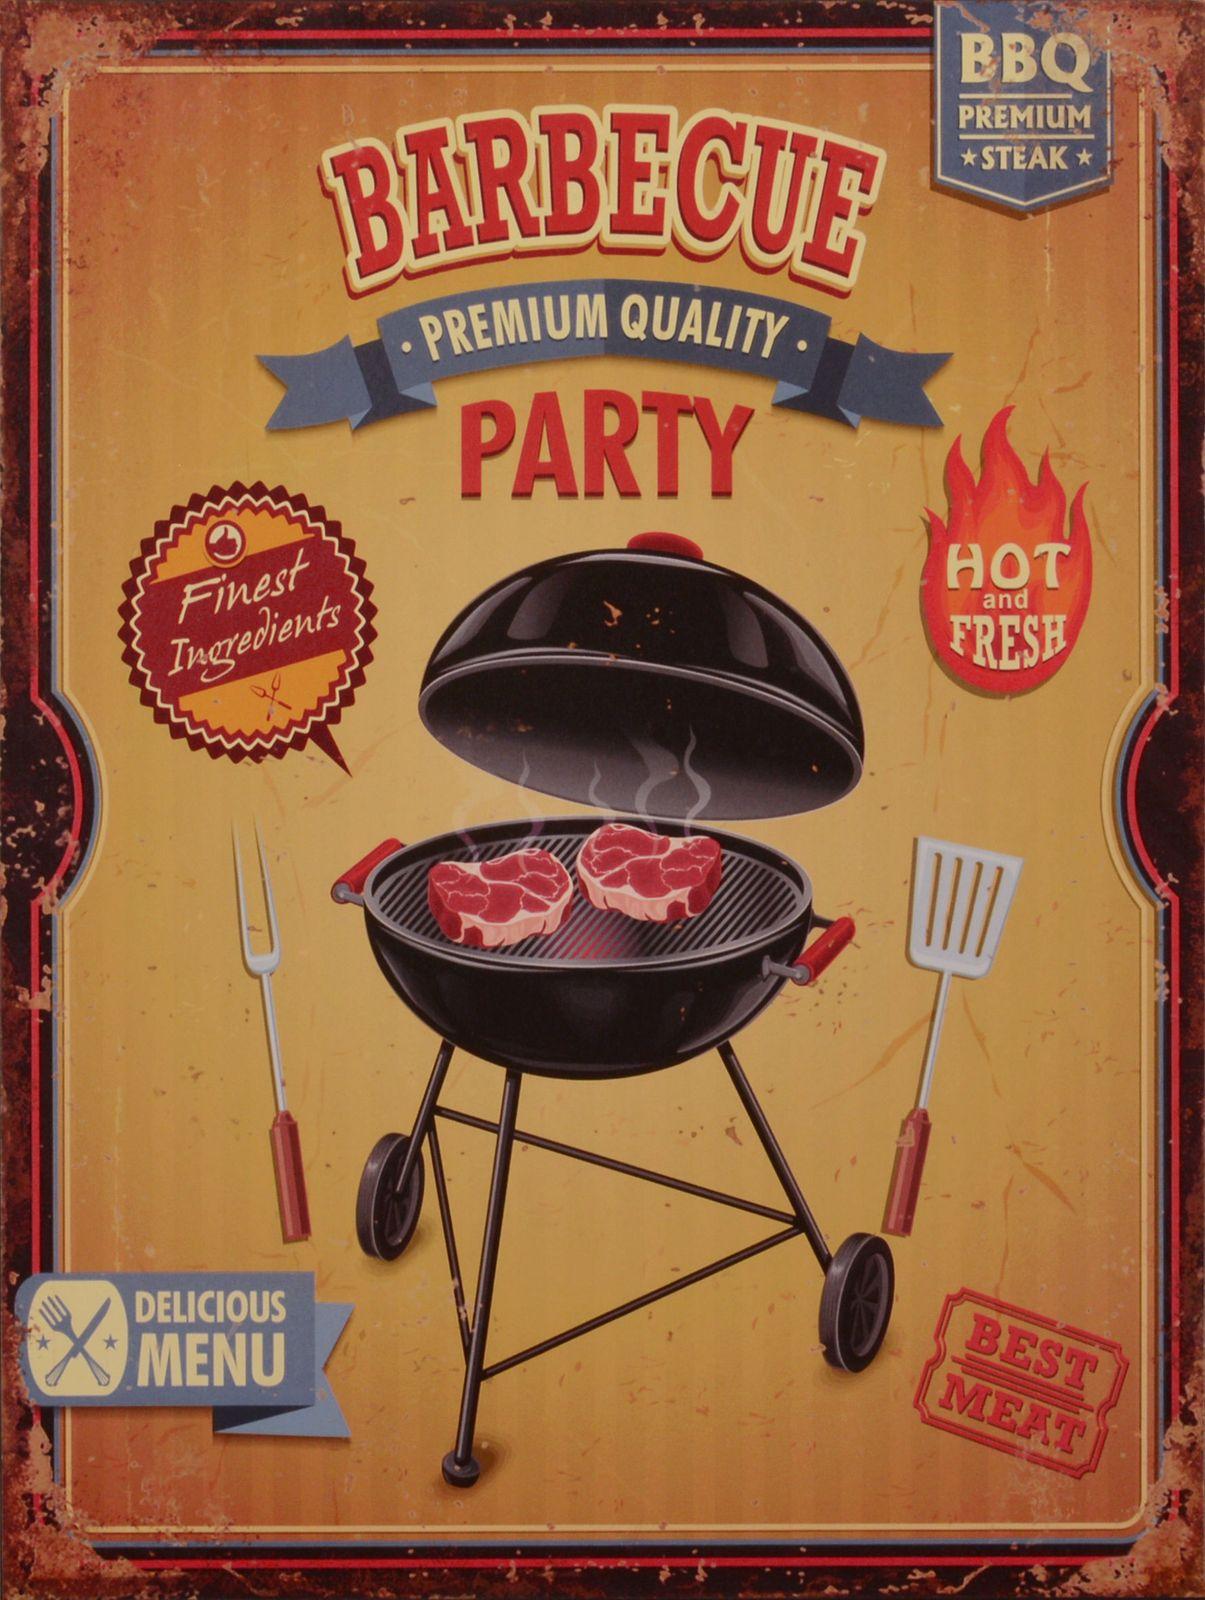 Full Size of Bleschschild Barbecue Kche Amerika Nostalgie Garten Deko Grill Outdoor Küche Edelstahl Amerikanisches Bett Amerikanische Kaufen Küchen Regal Betten Wohnzimmer Amerikanische Outdoor Küchen